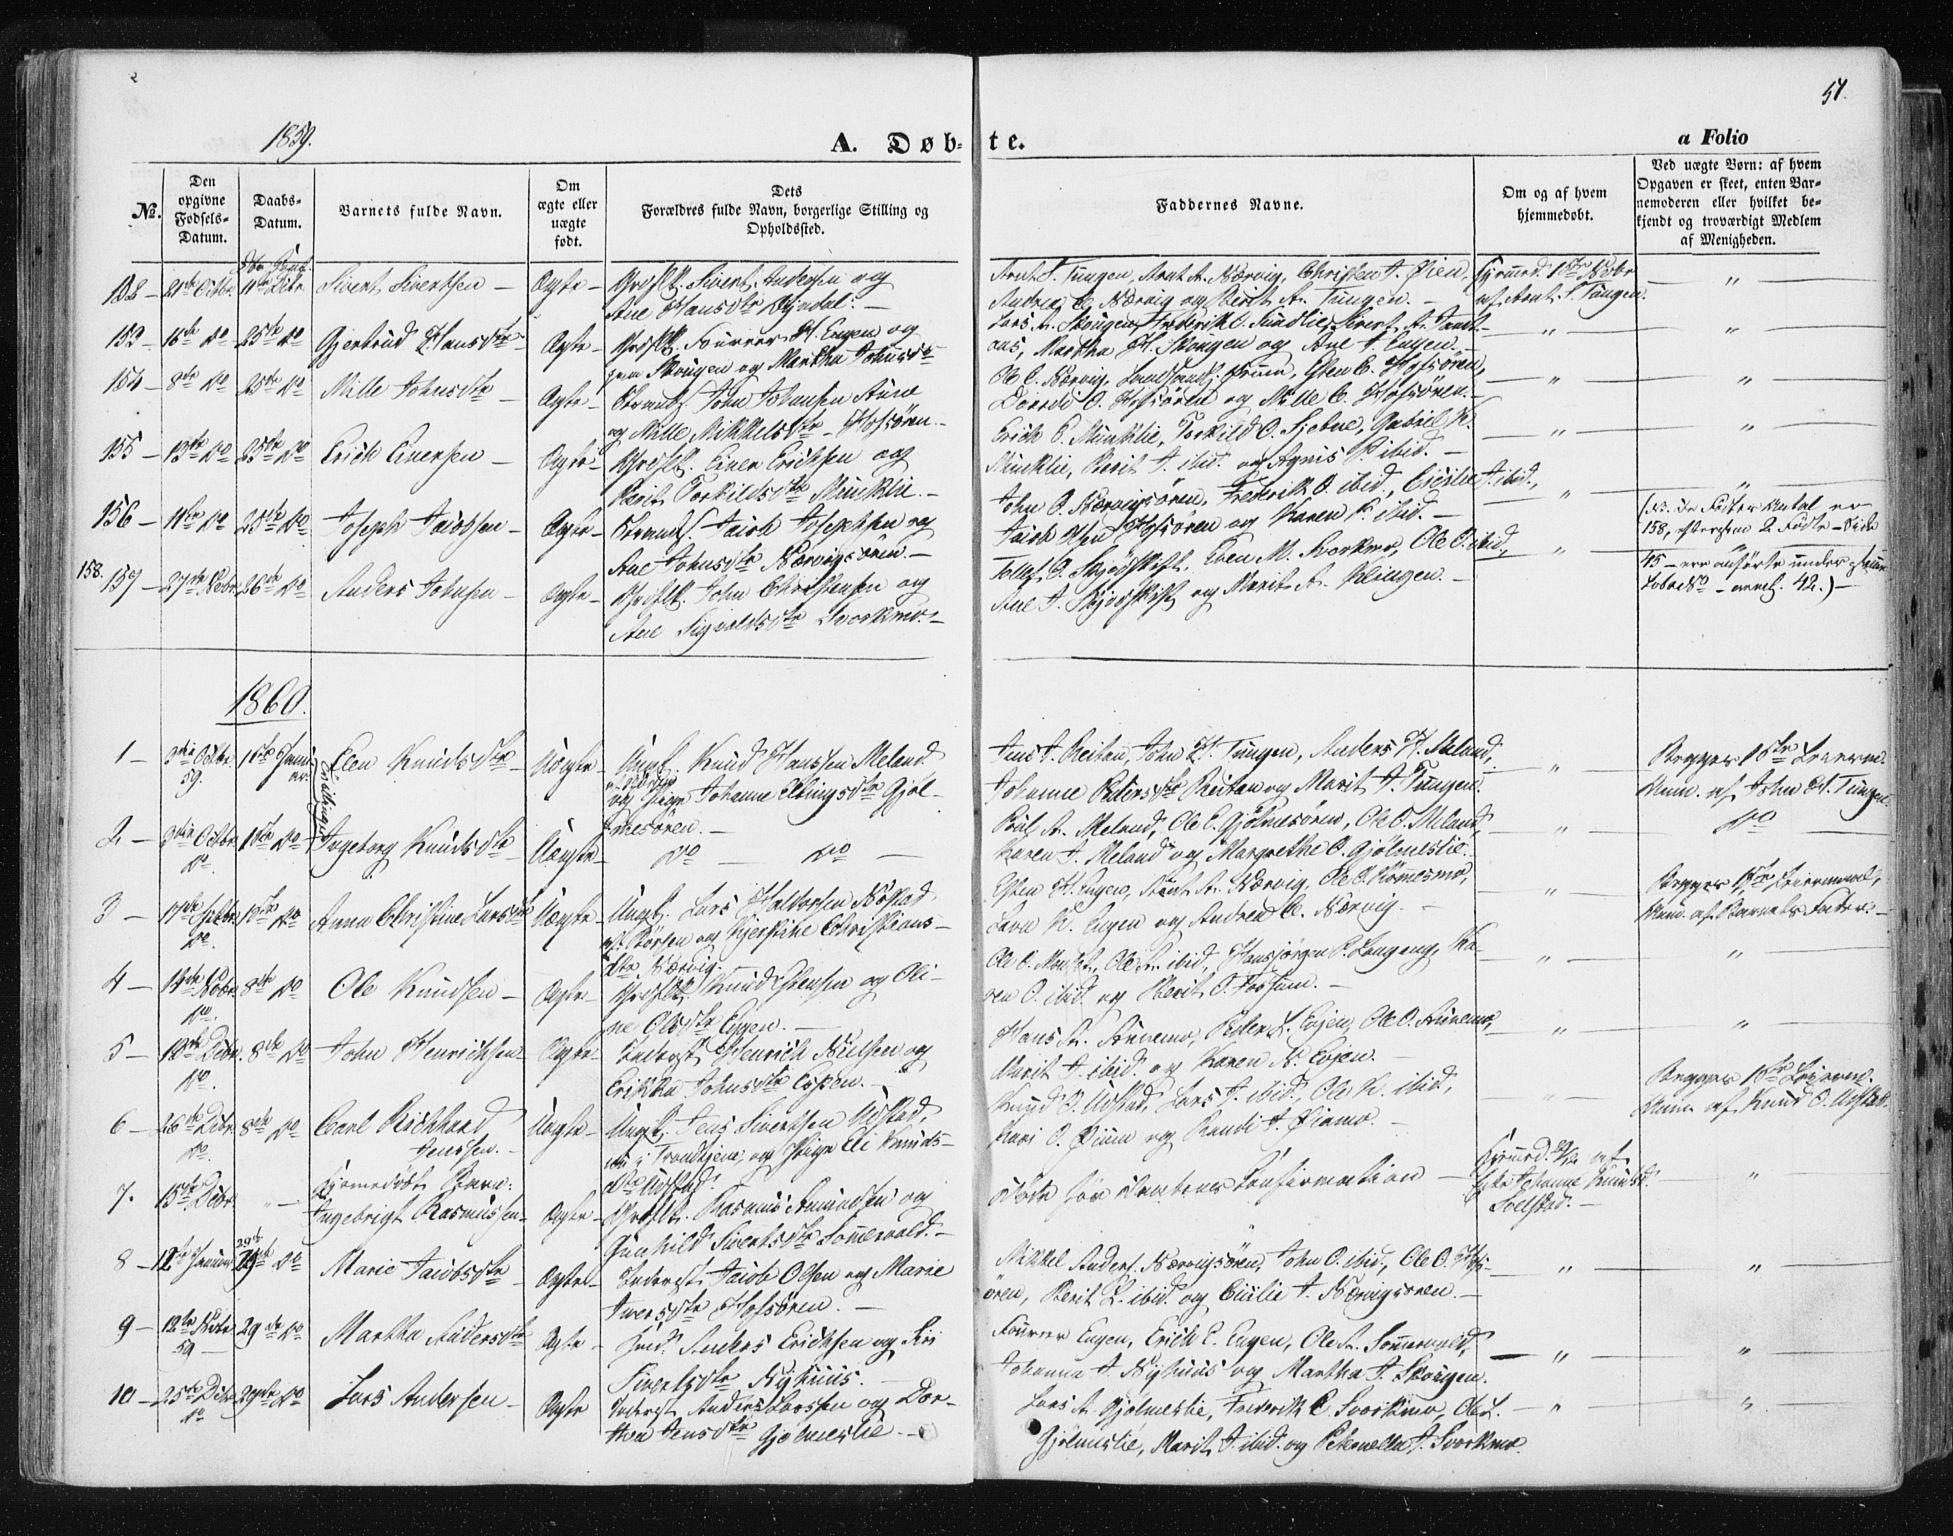 SAT, Ministerialprotokoller, klokkerbøker og fødselsregistre - Sør-Trøndelag, 668/L0806: Ministerialbok nr. 668A06, 1854-1869, s. 51